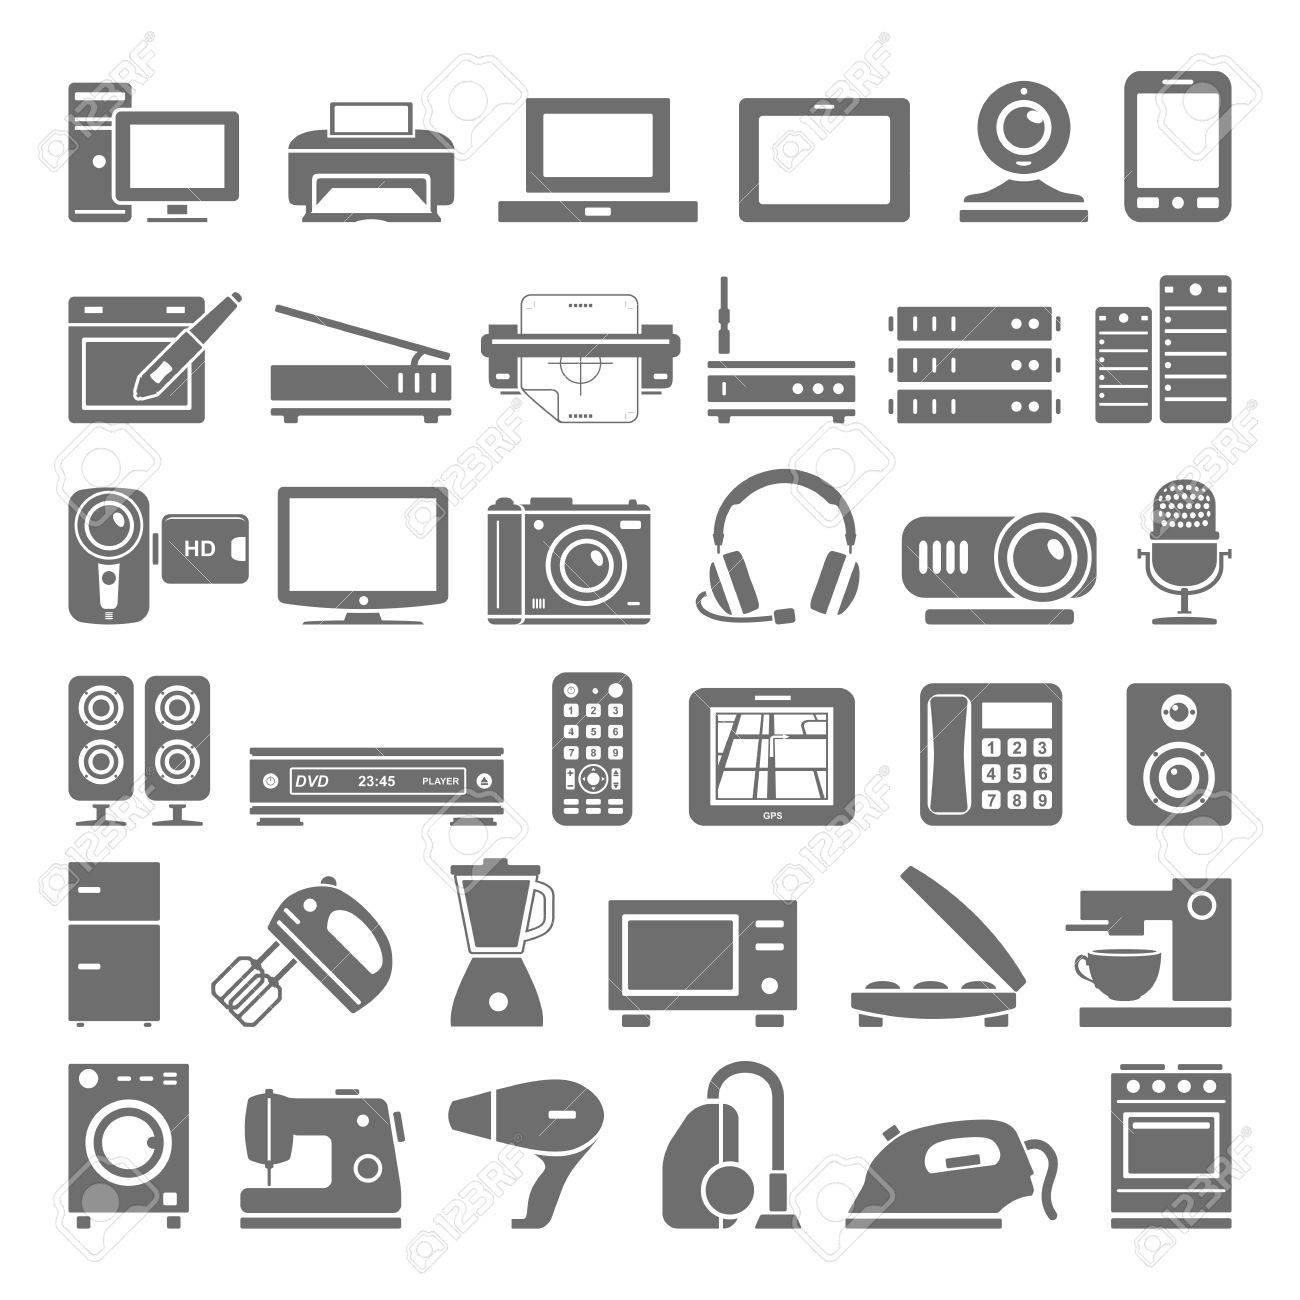 Elektronische Geräte Und Haushaltsgerät Symbole Lizenzfrei Nutzbare ...